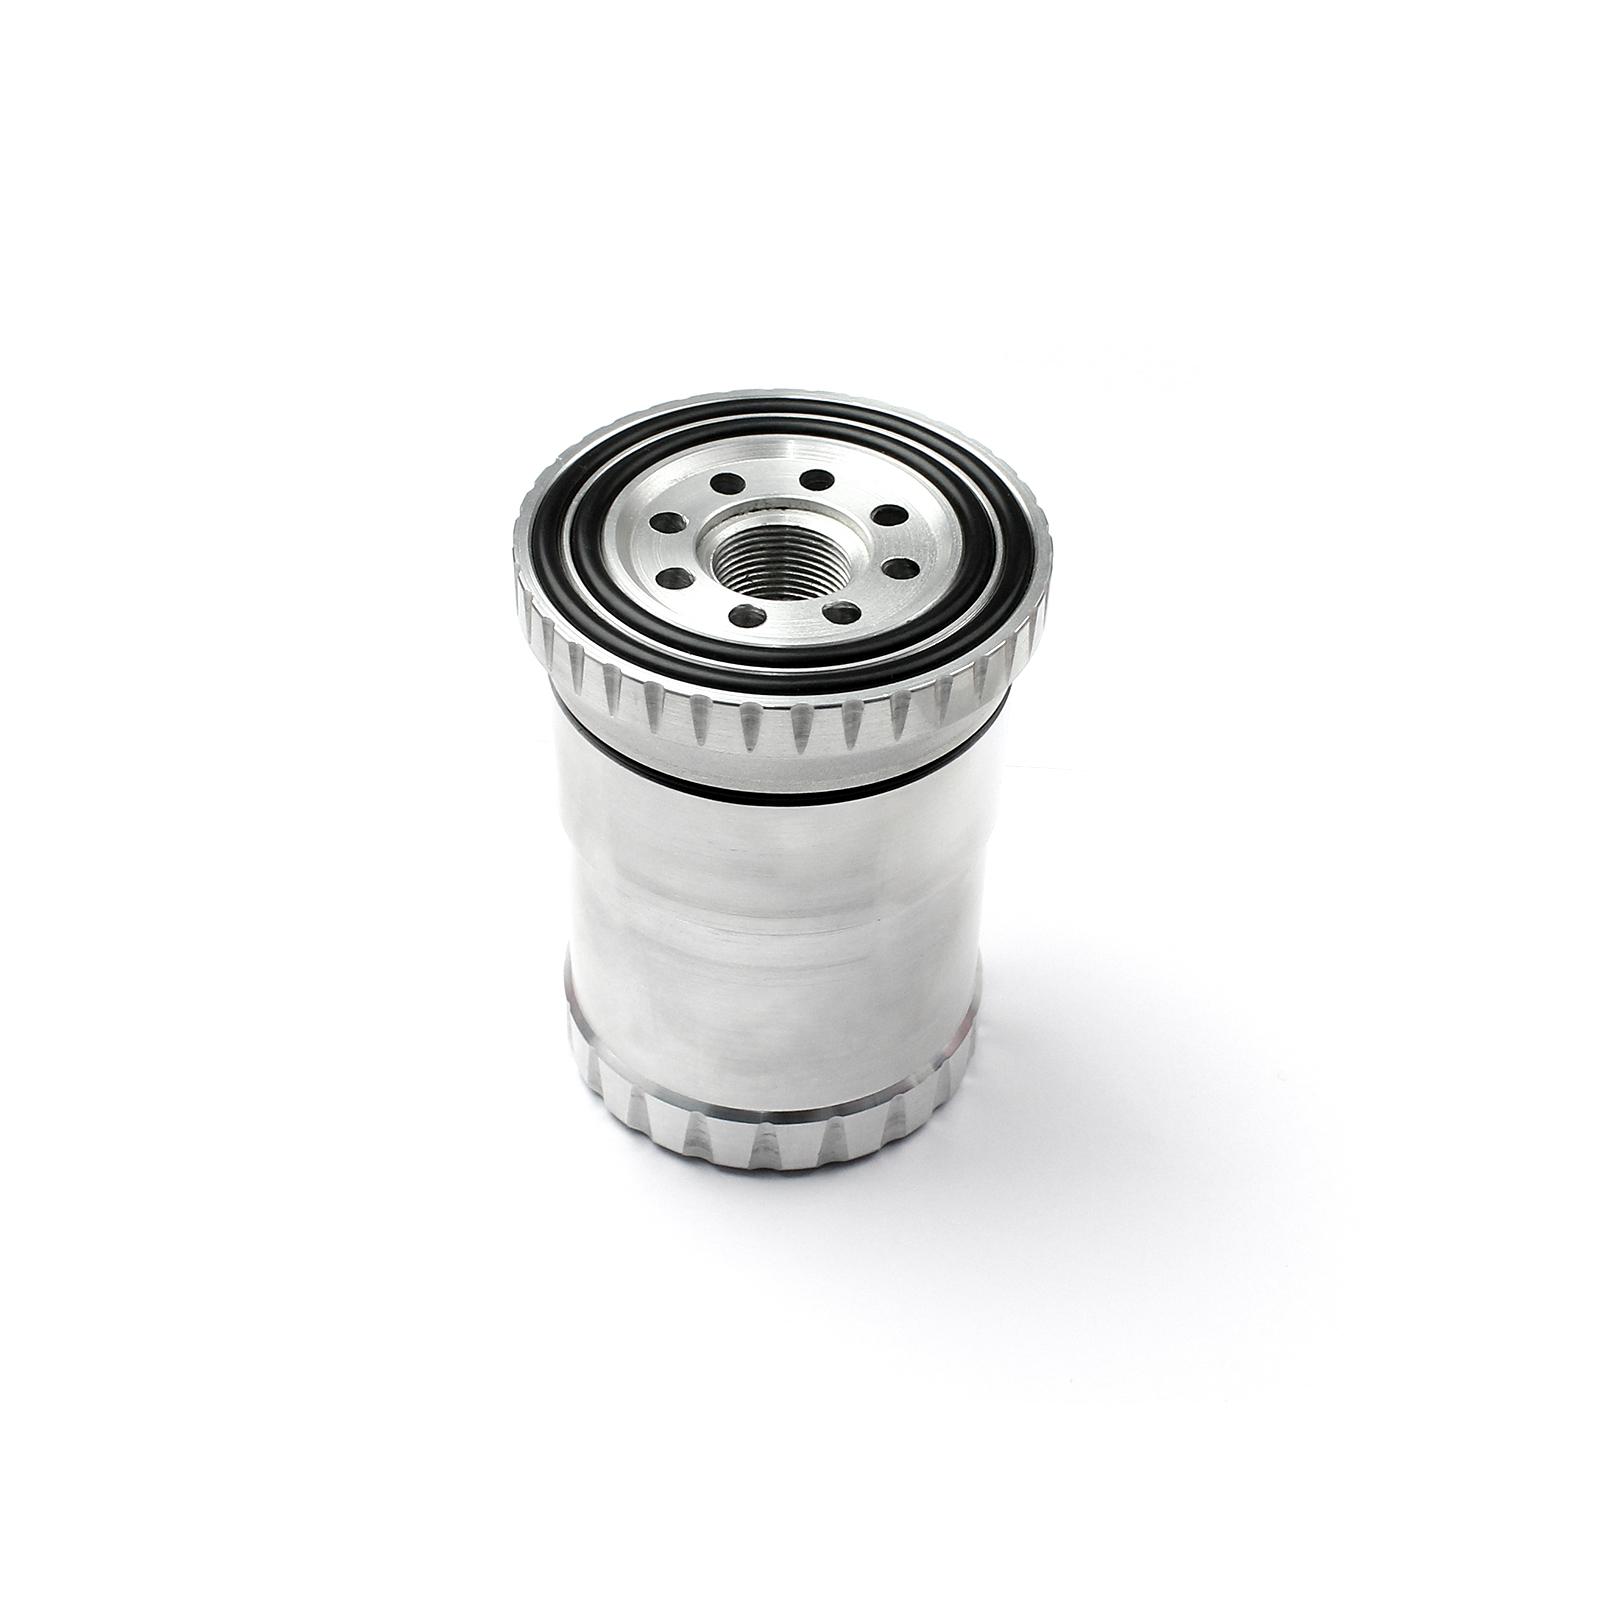 Speedmaster Engine Oil Filter PCE298.1002; Natural Billet Aluminum Cannister